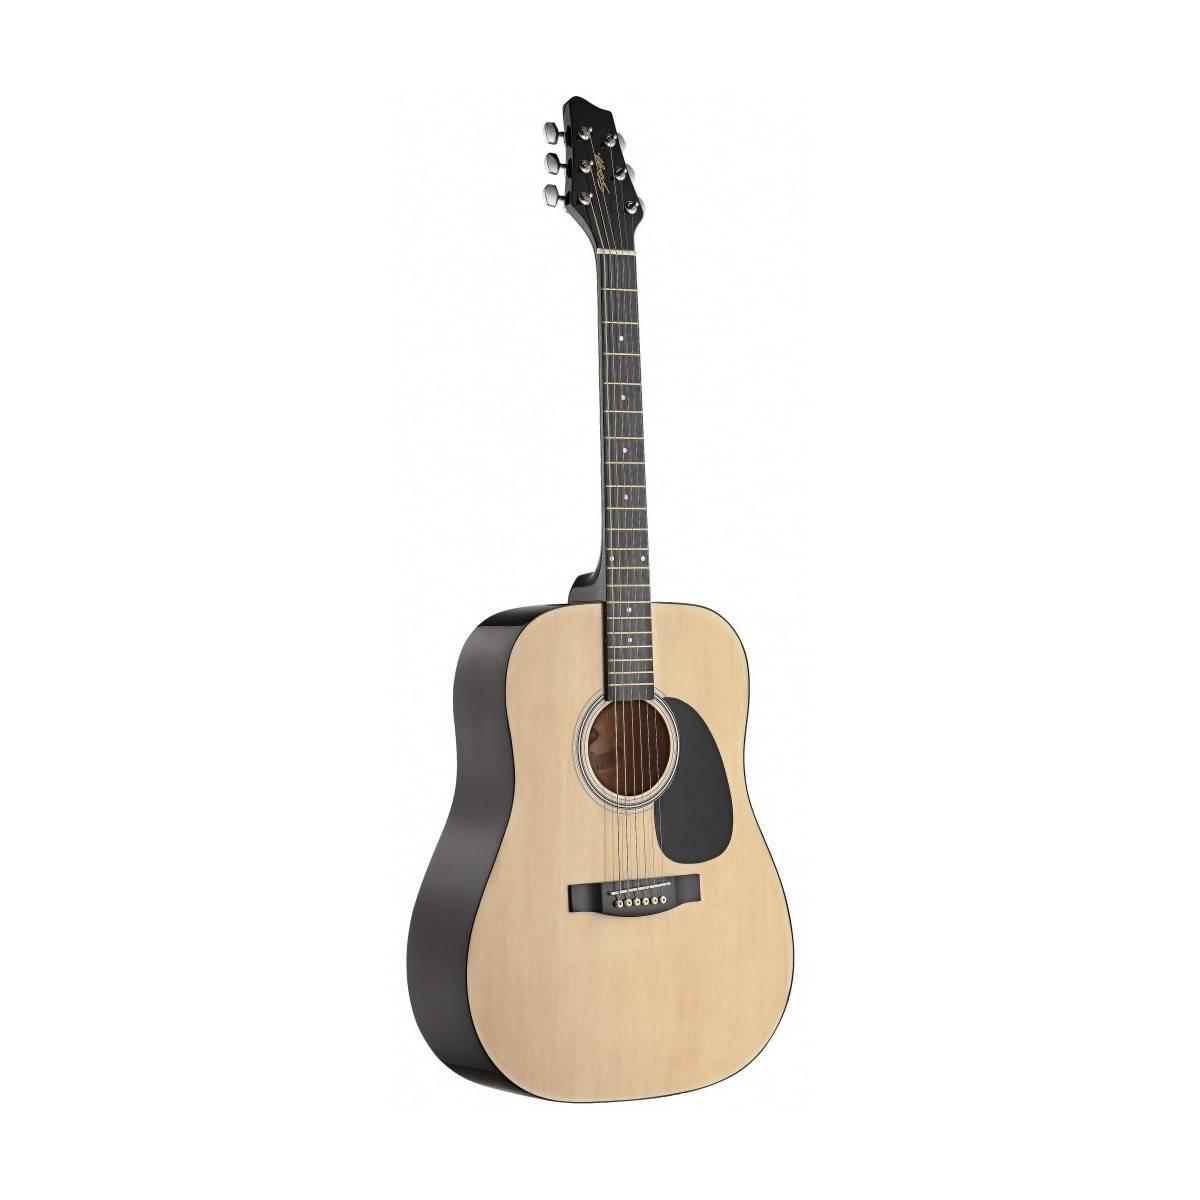 guitare folk 4 4 d butant guitare acoustique stagg. Black Bedroom Furniture Sets. Home Design Ideas